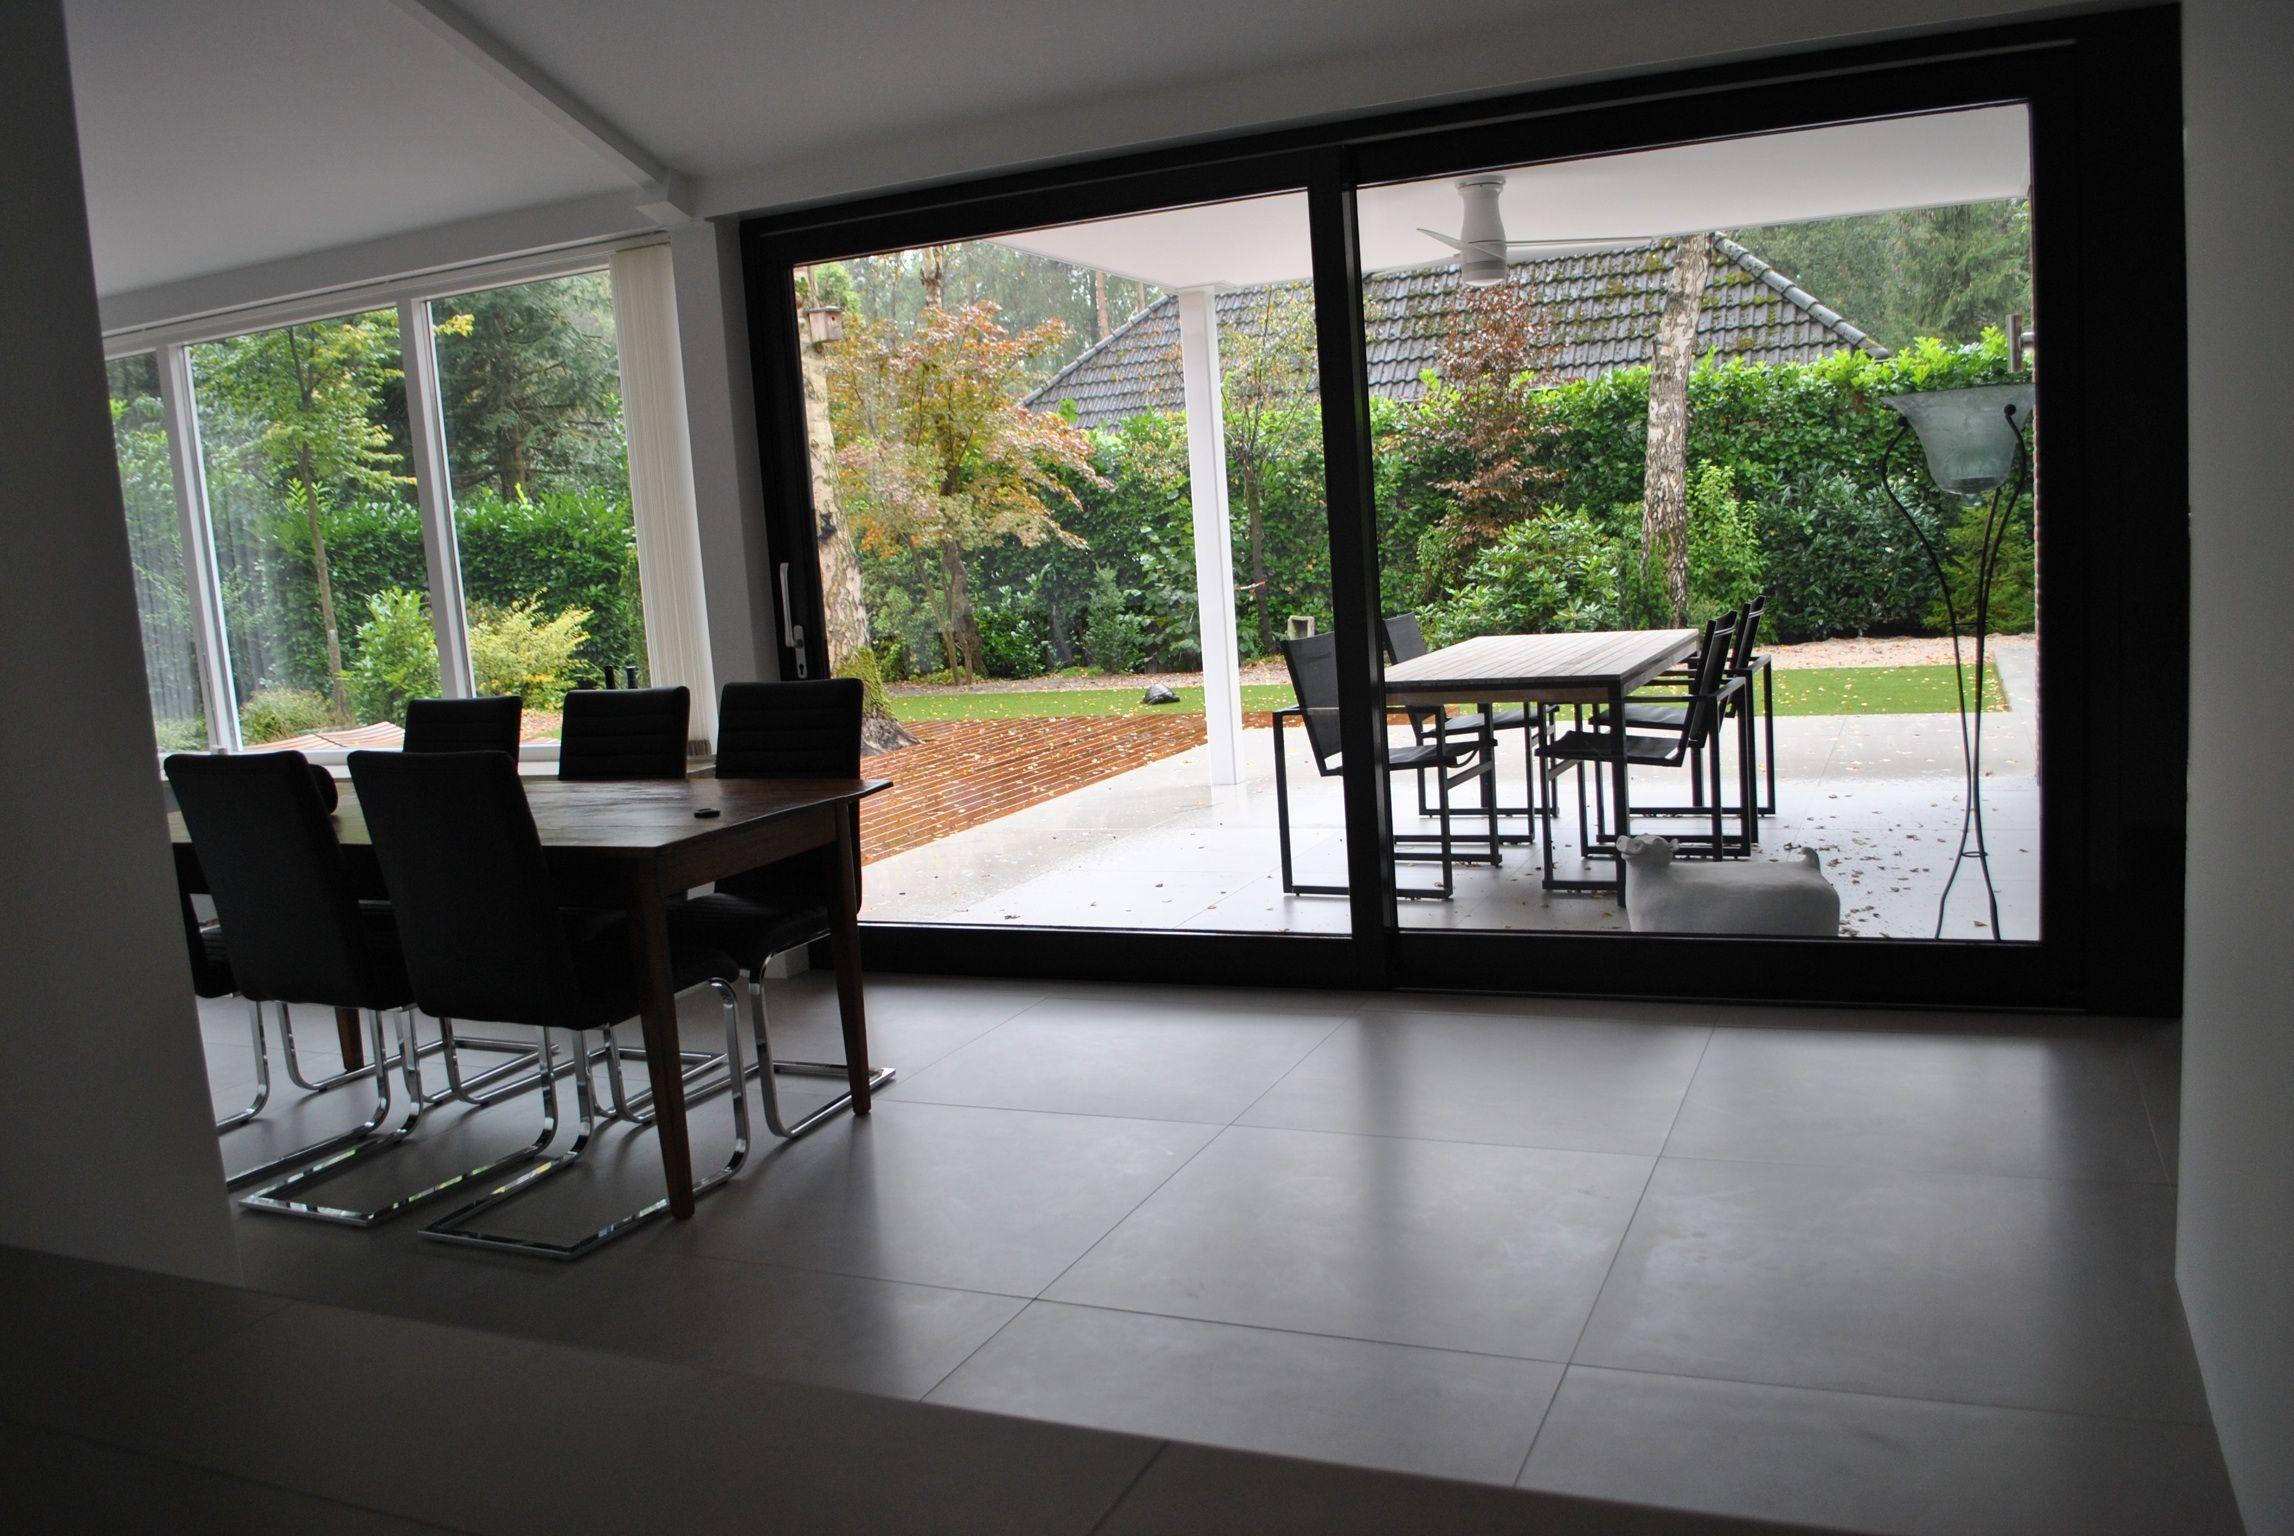 Strakke 90x90 vloertegels met minimale tekening ook doorgelegd op het terras buiten 37 for Buiten terras